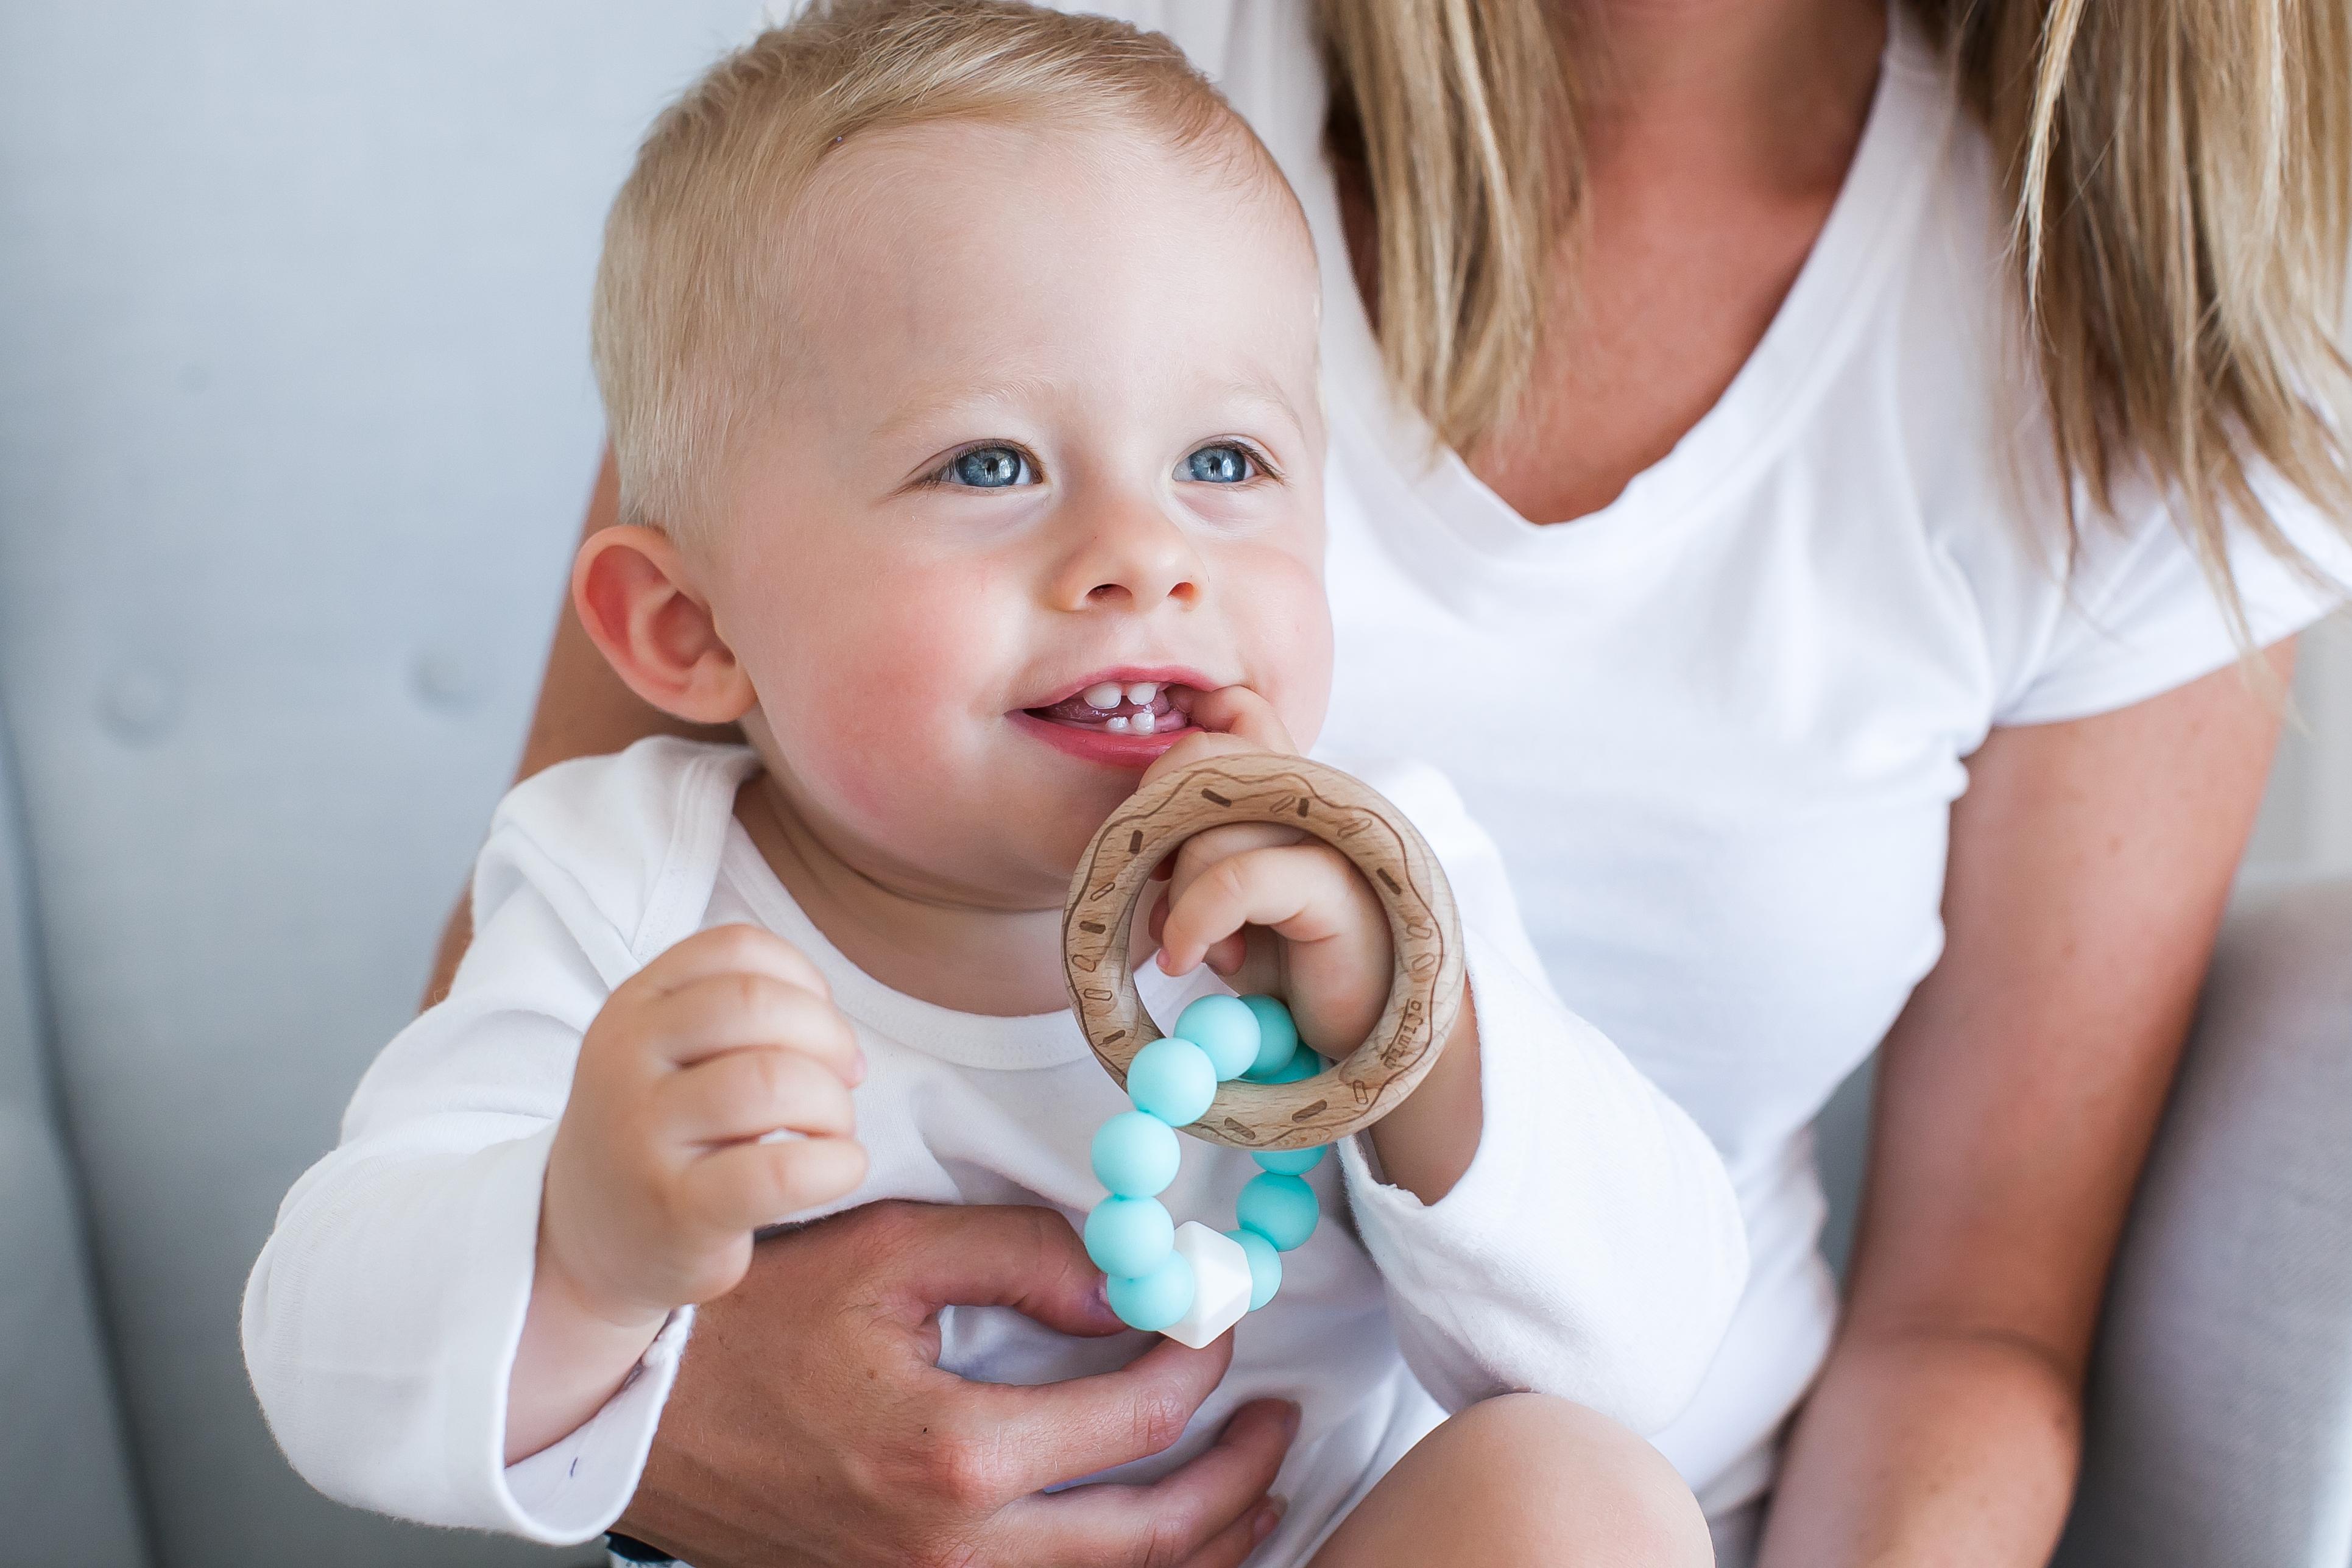 Hledáte dárek pro novorozence? S těmito kousky zazáříte